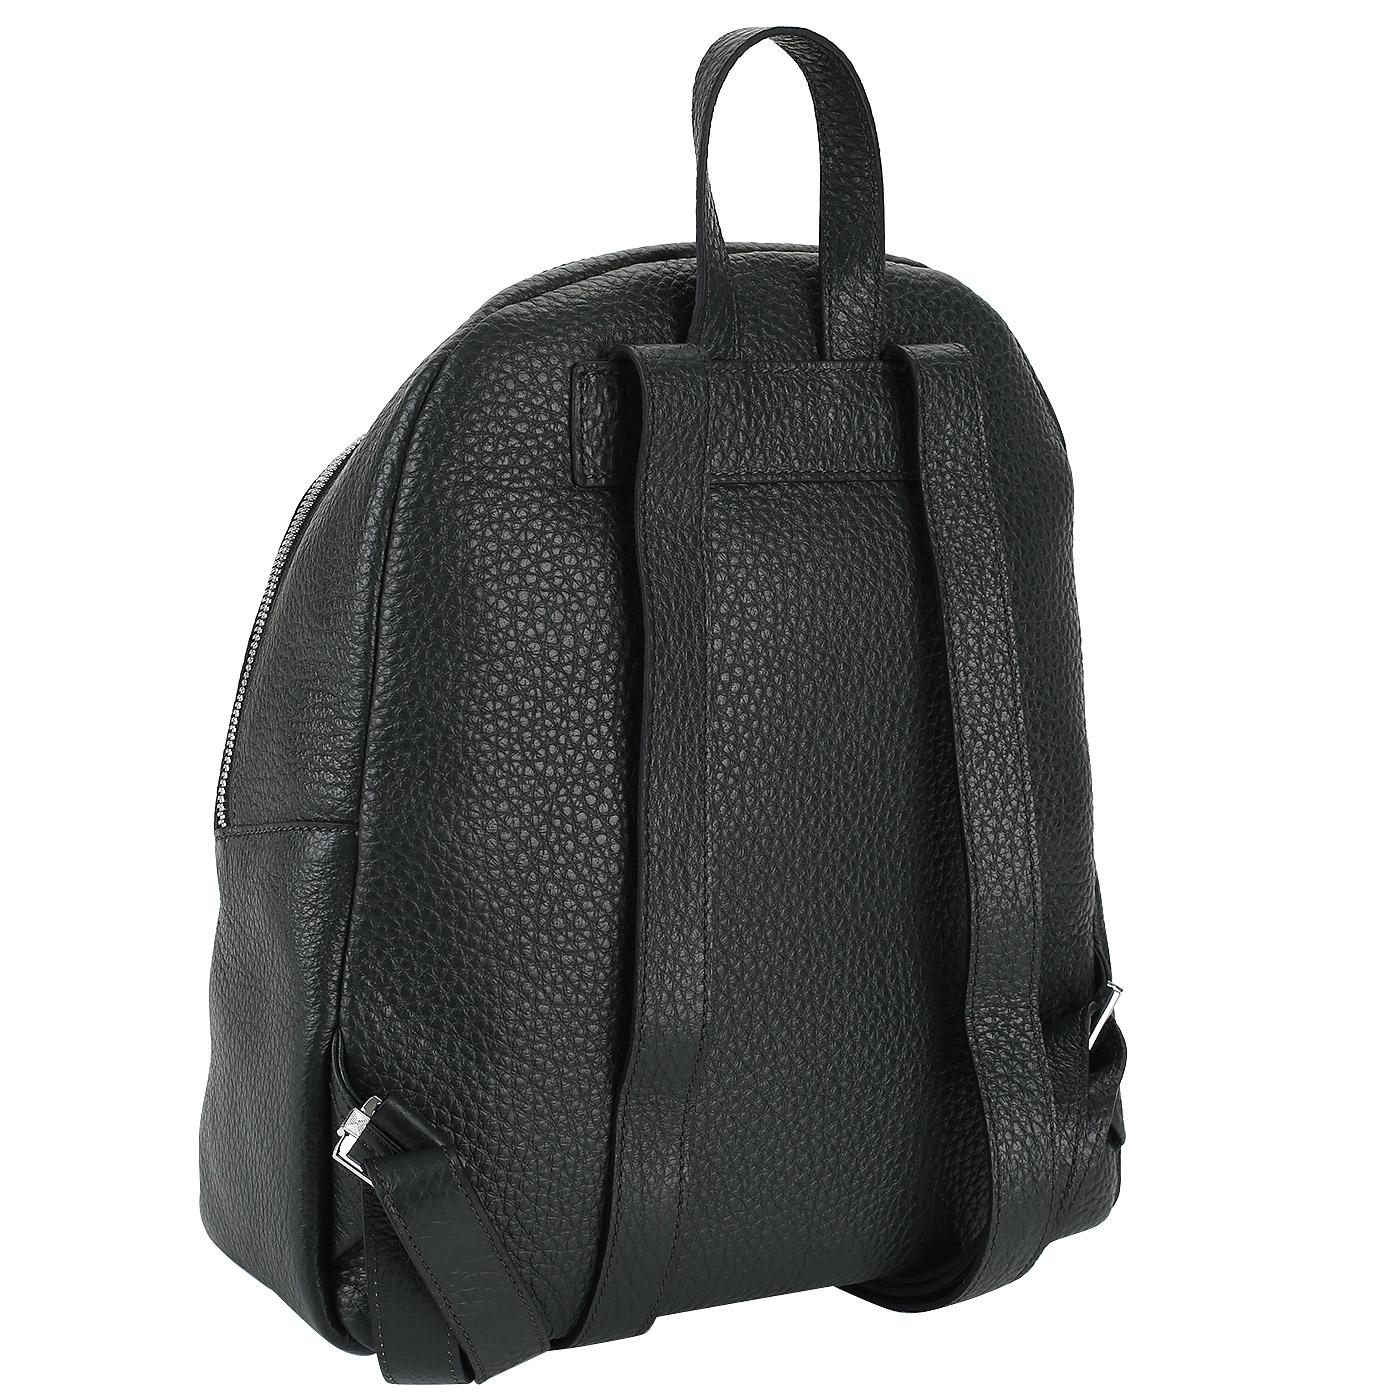 a2d859886667 ... рюкзак идеально впишется в повседневный гардероб любой современной  девушки. Аксессуар выполнен из прочной и влагостойкой натуральной кожи  темно-зеленого ...